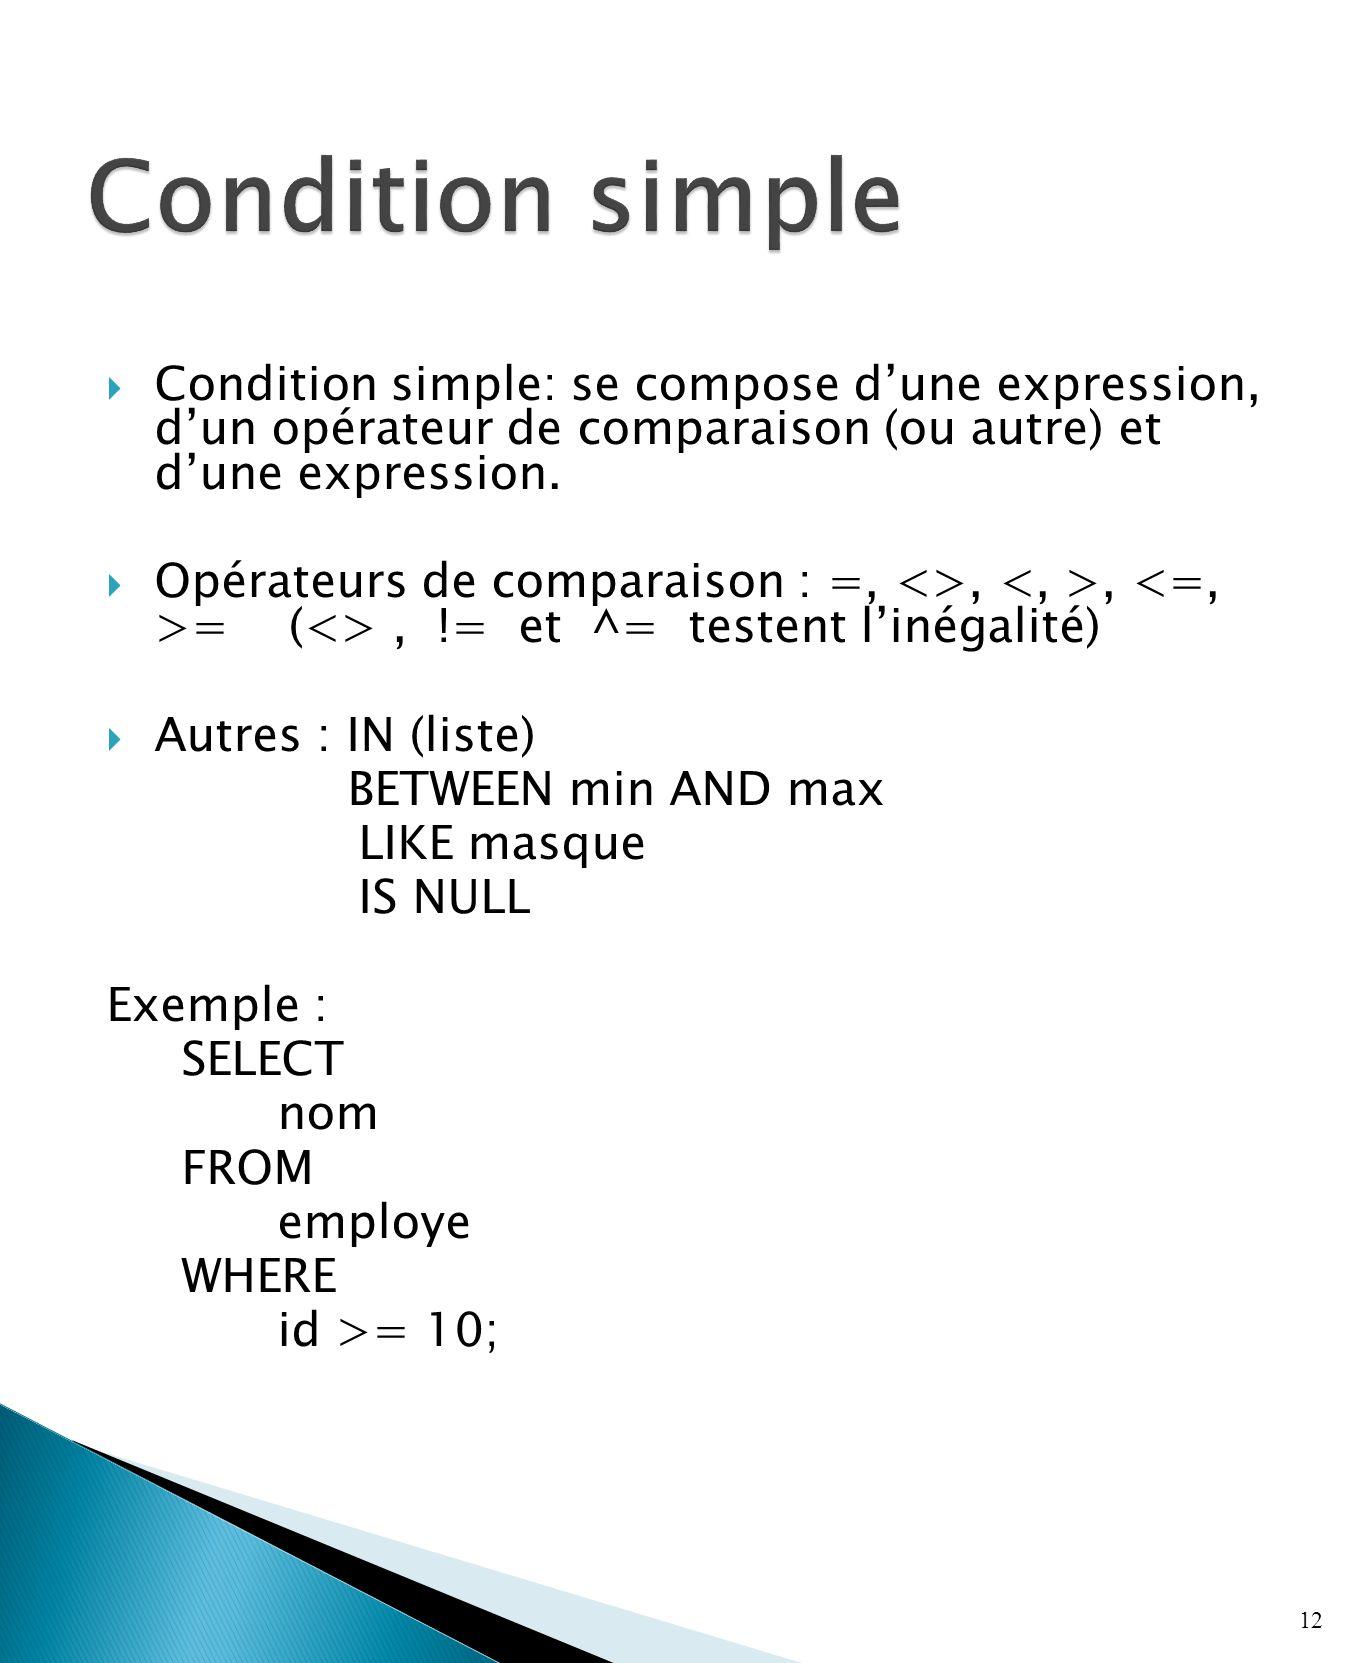 Condition simple: se compose dune expression, dun opérateur de comparaison (ou autre) et dune expression.